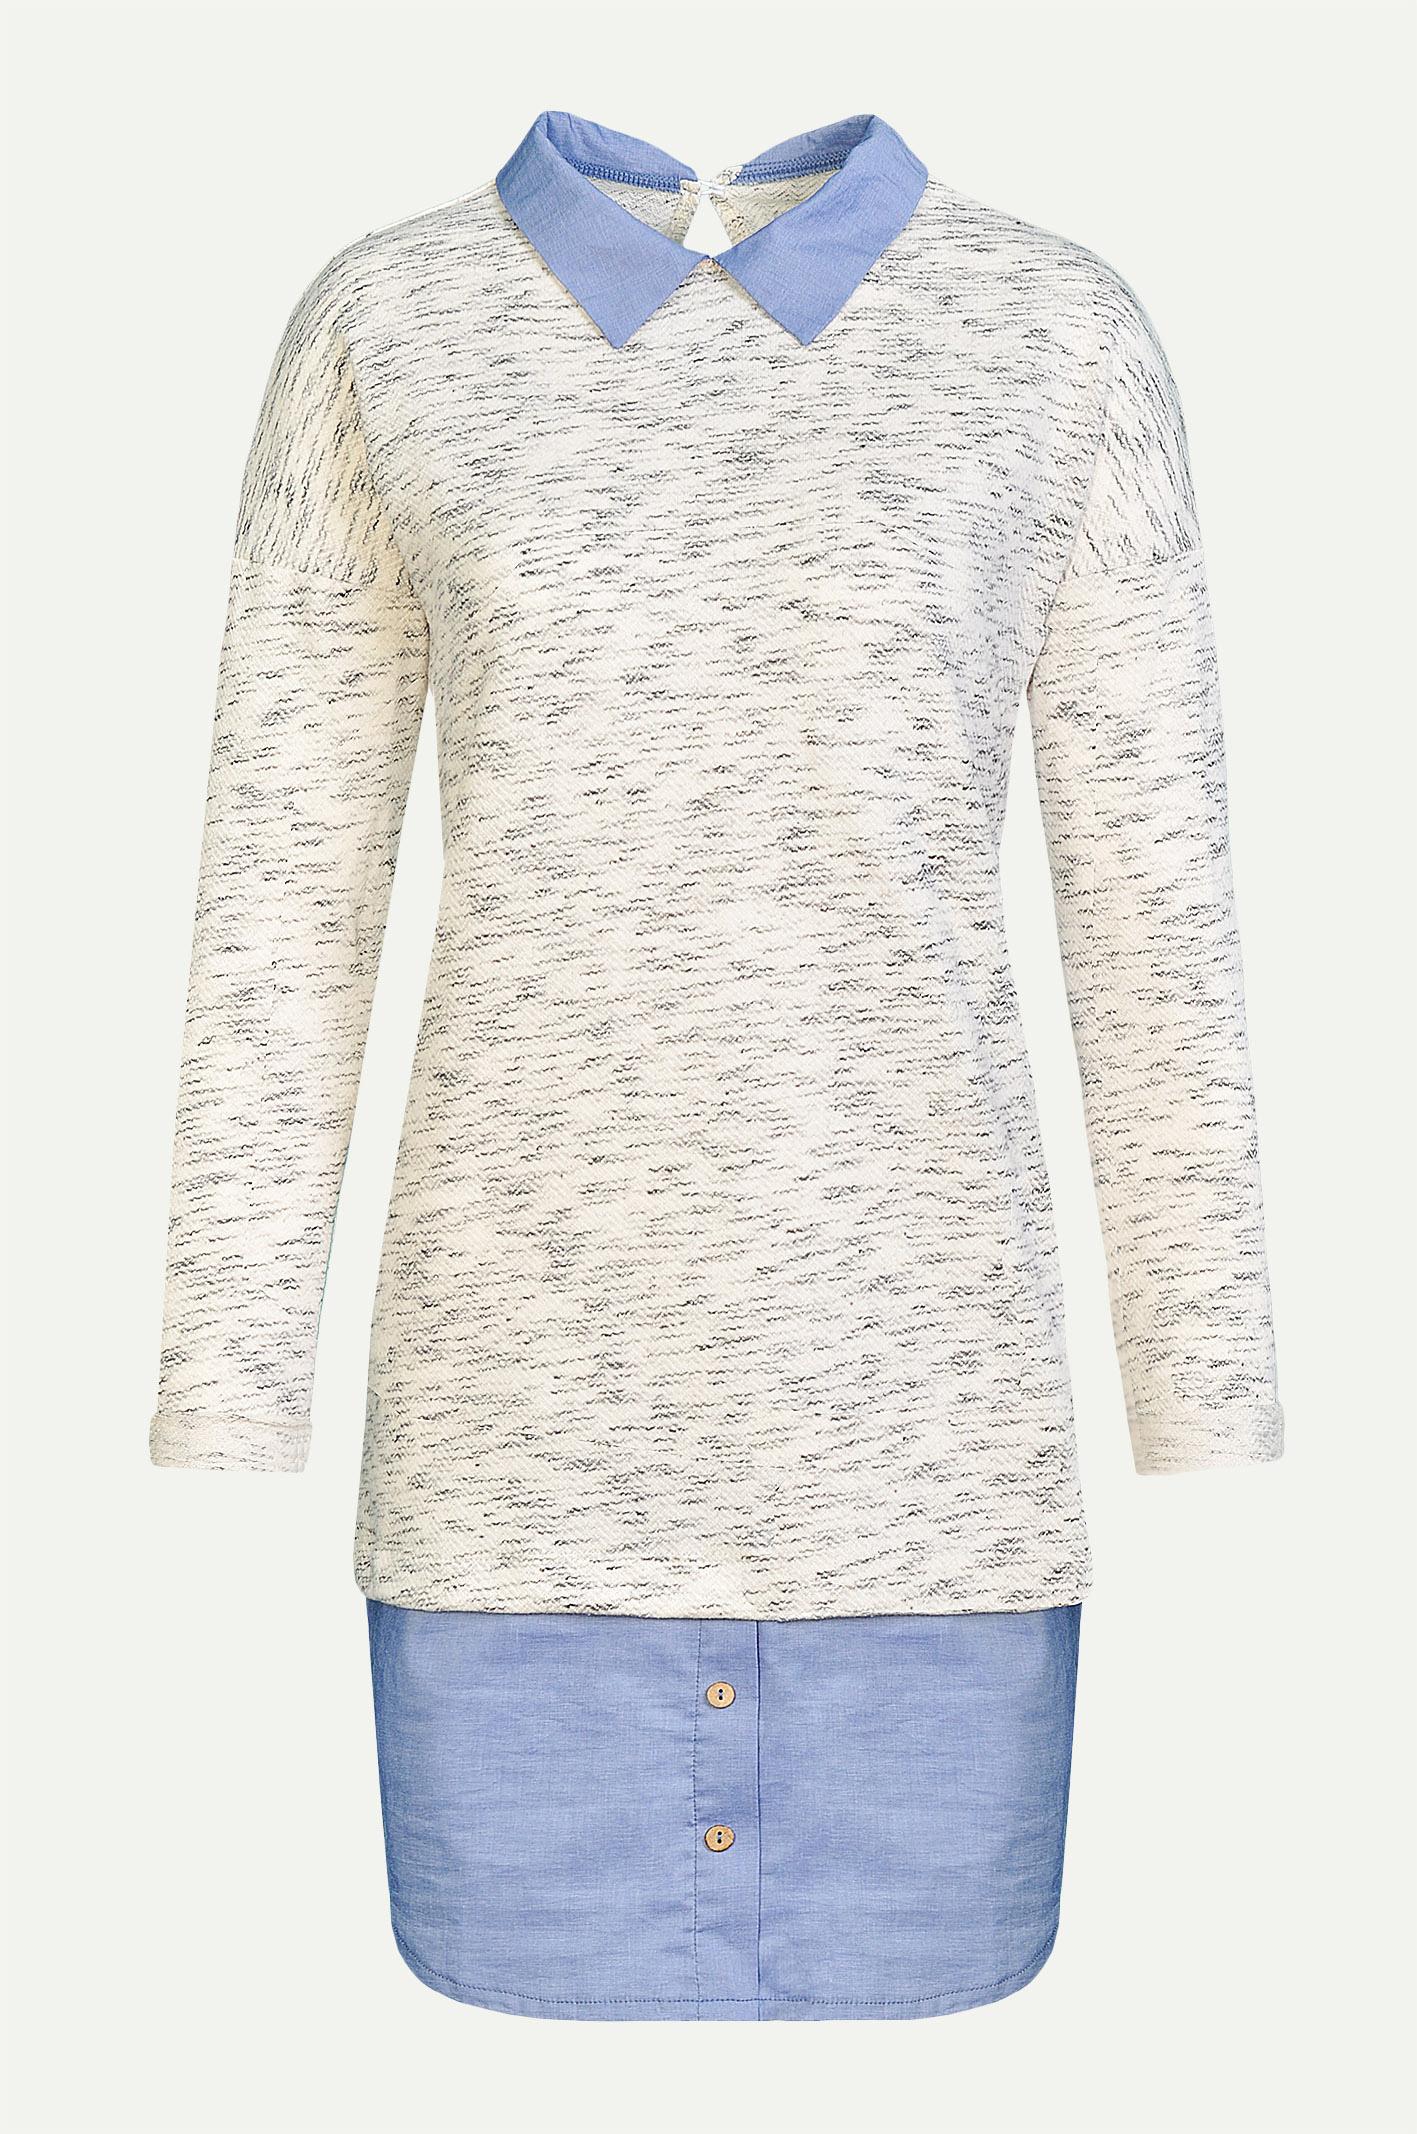 Сбор заказов. Интересные модели одежды для женщин 42-56 р-ра: блузы, свитшоты, кардиганы, платья. Много новинок - недорогие хорошенькие платья на каждый день! Выкуп-2.